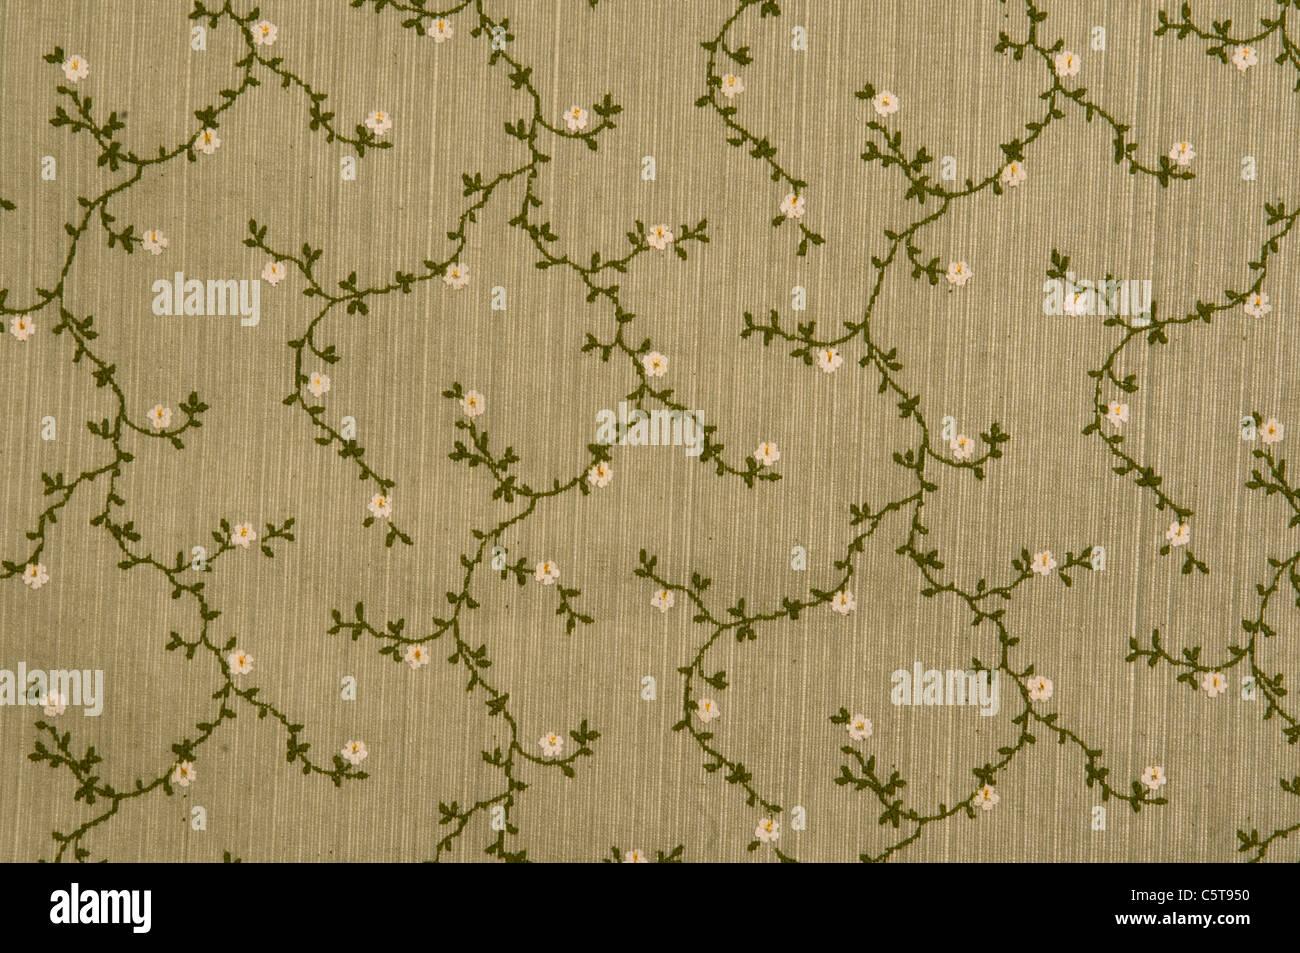 Tessuto floreale sfondo, frame completo Immagini Stock